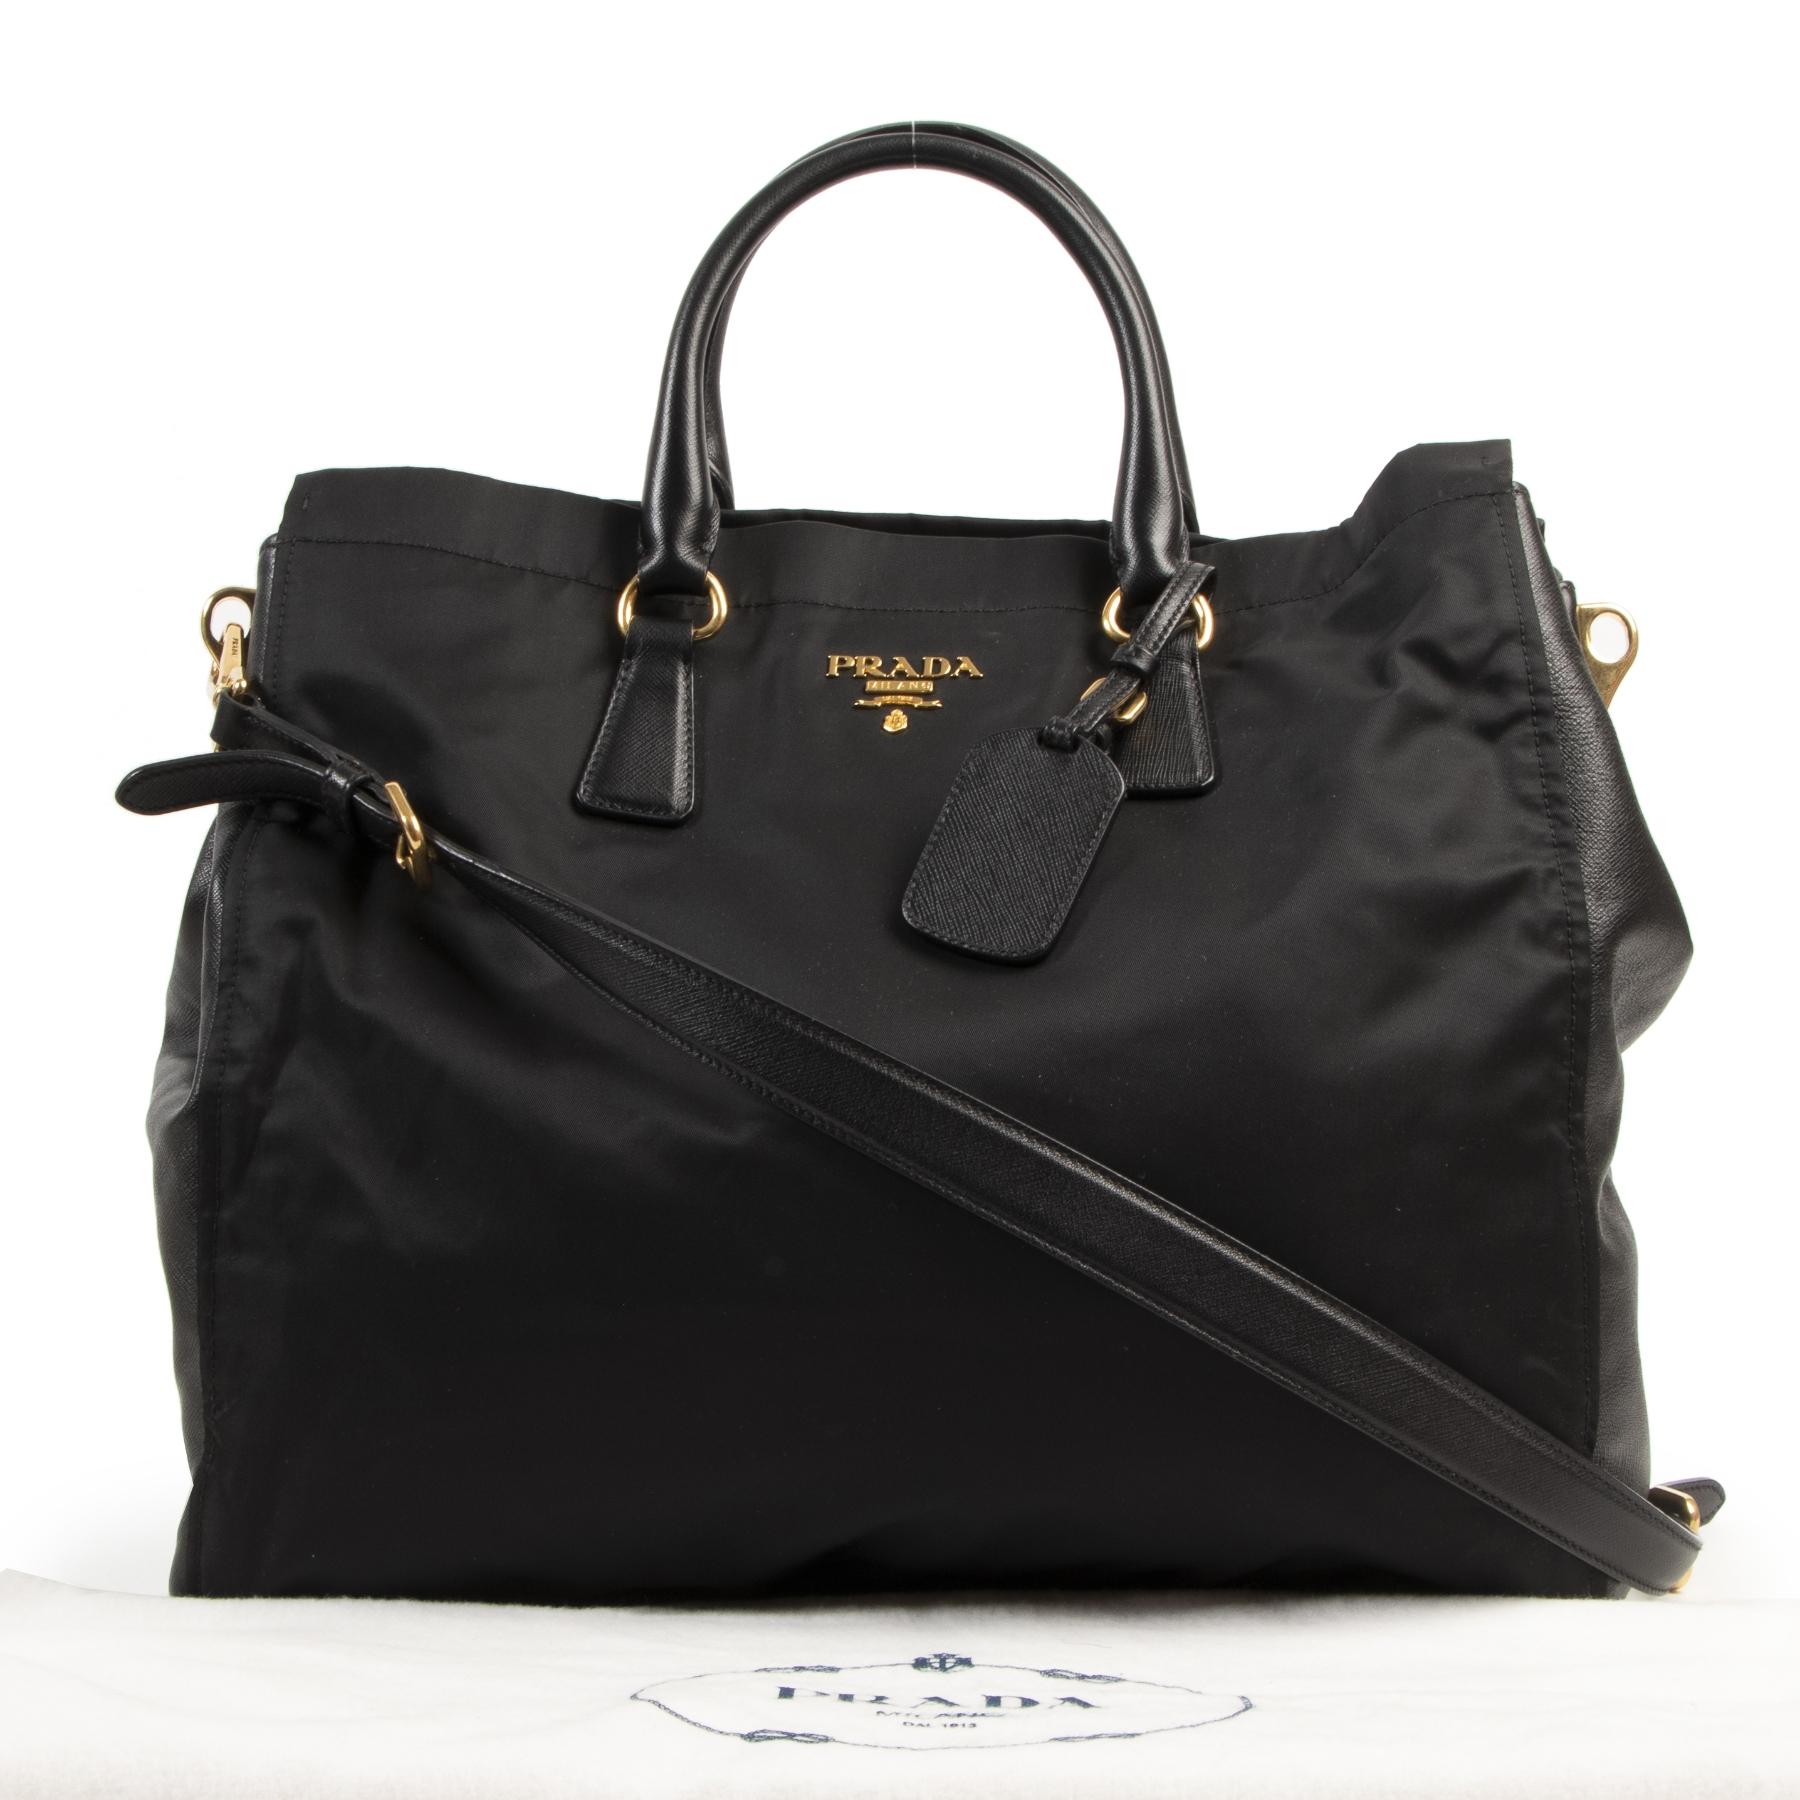 Prada Nylon Saffiano Leather Tote Shopper kopen en verkopen aan de beste prijs